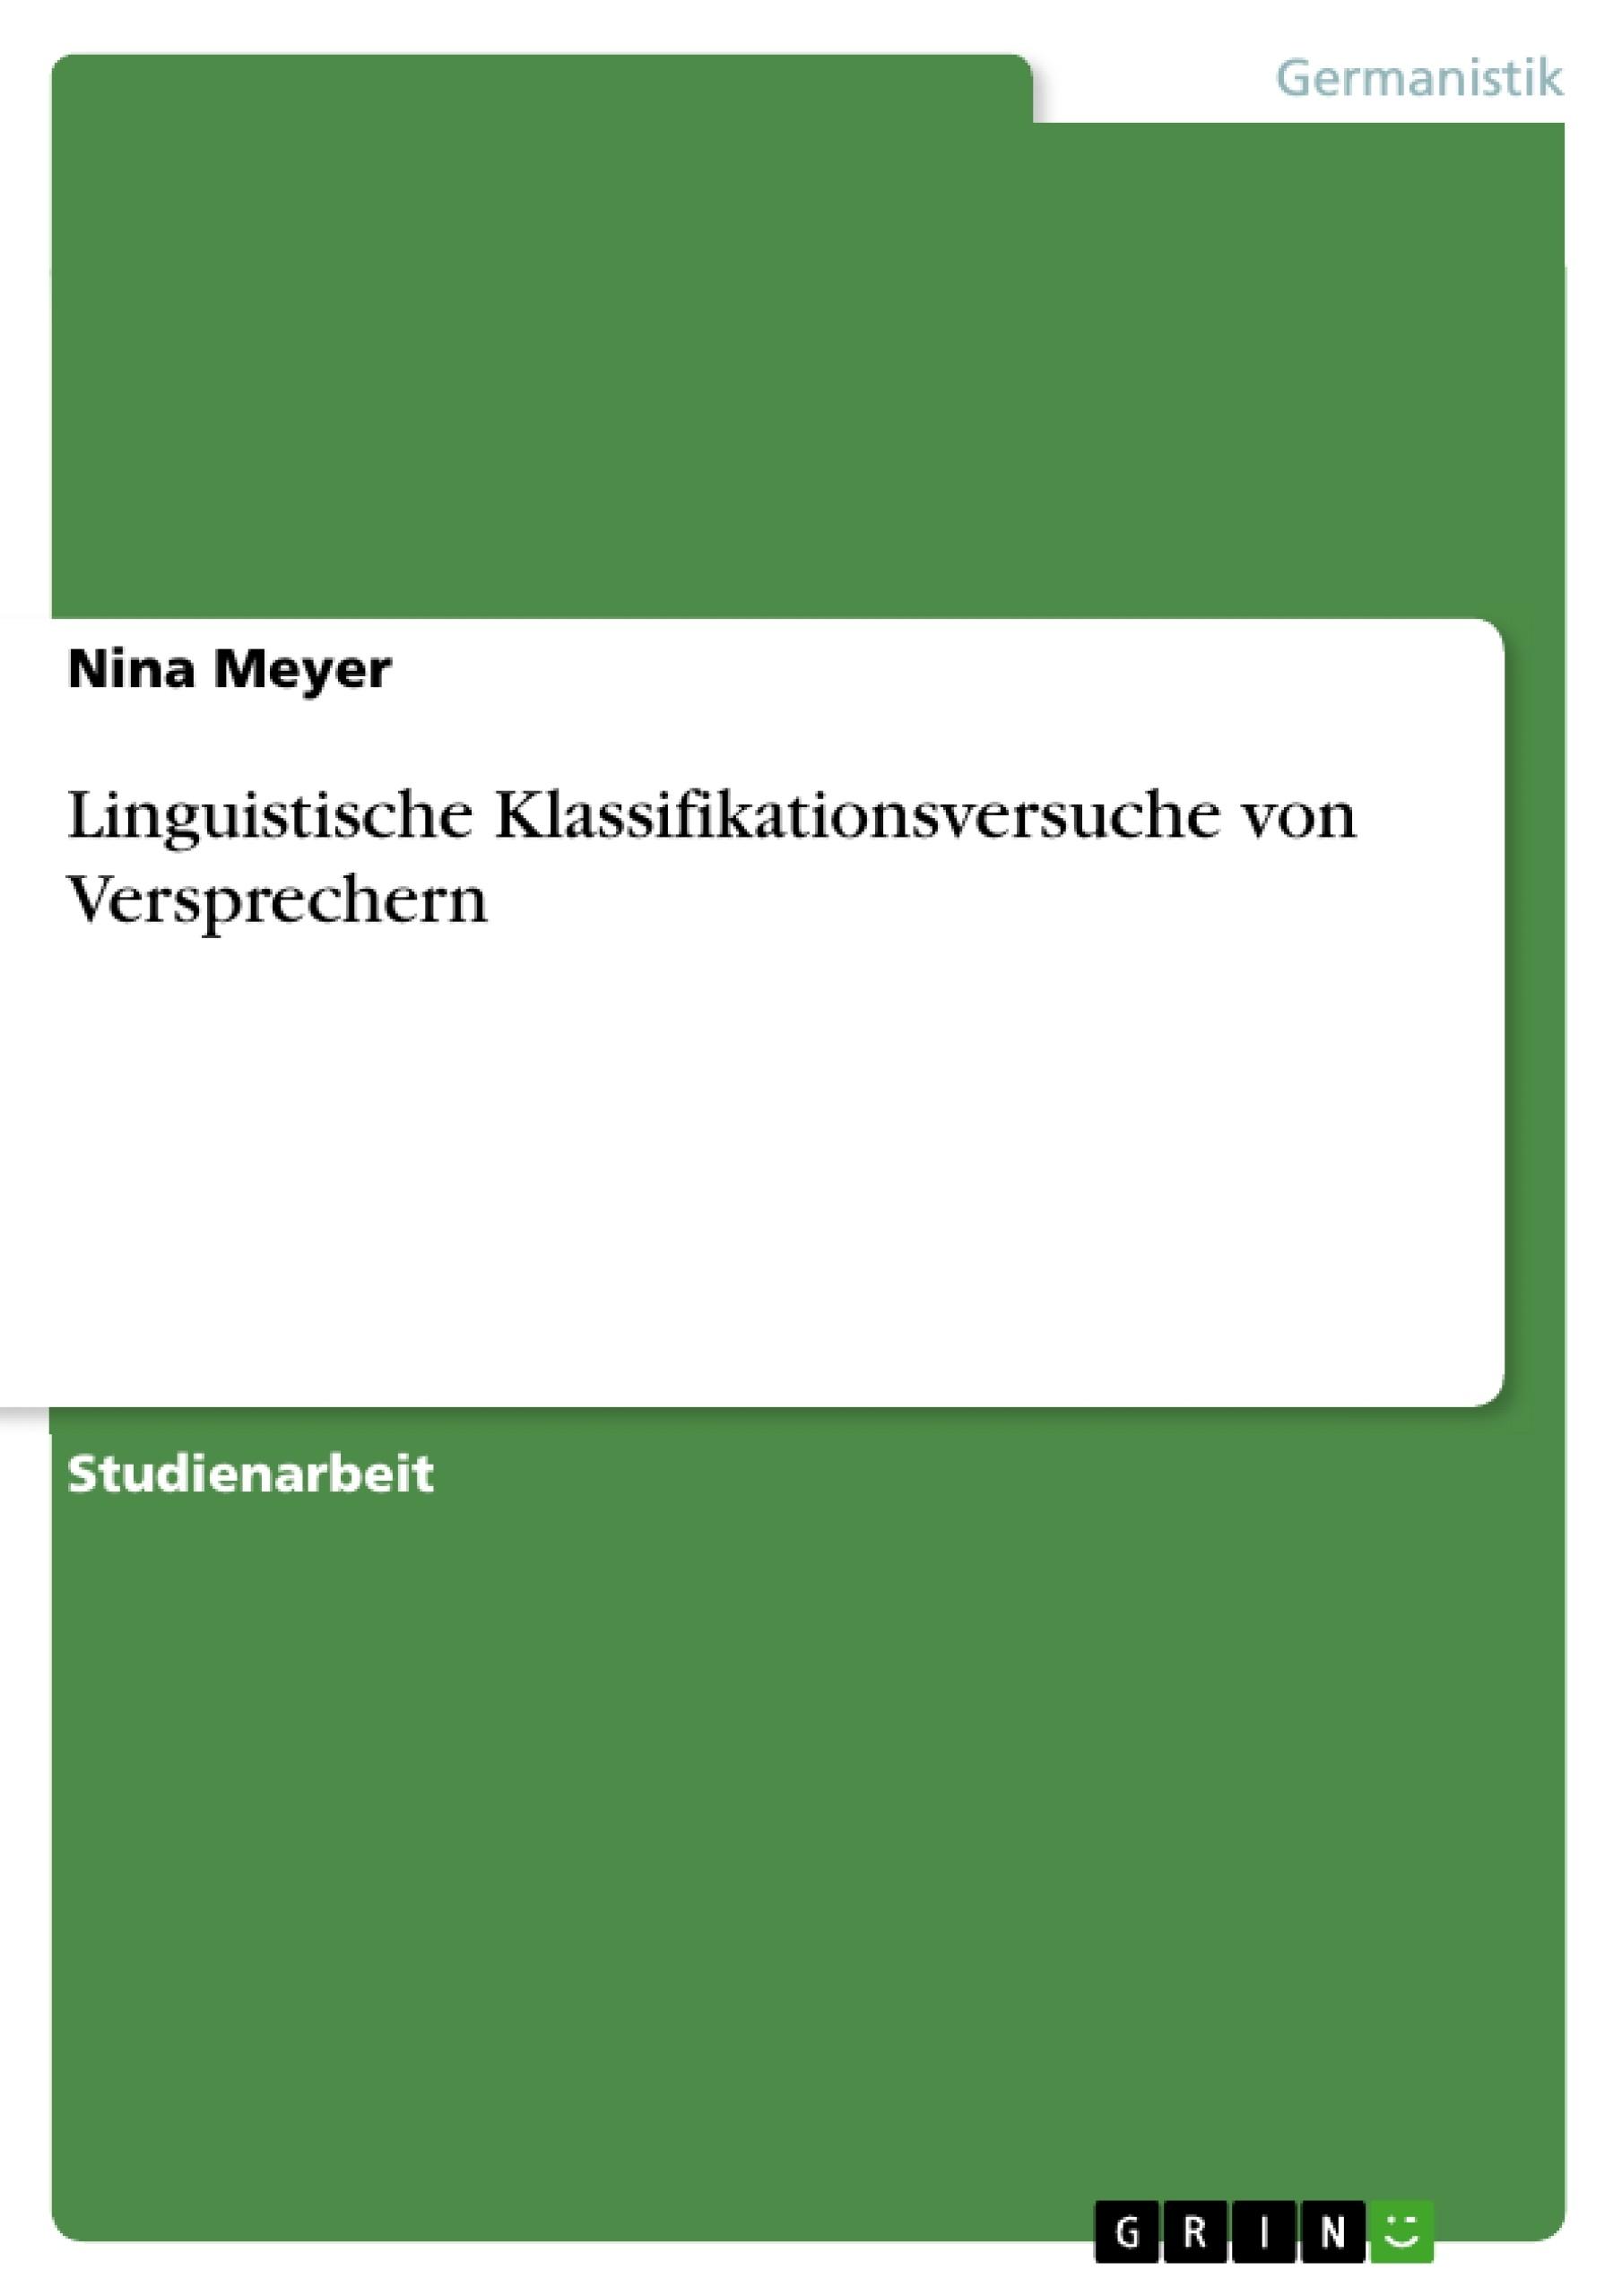 Titel: Linguistische Klassifikationsversuche von Versprechern